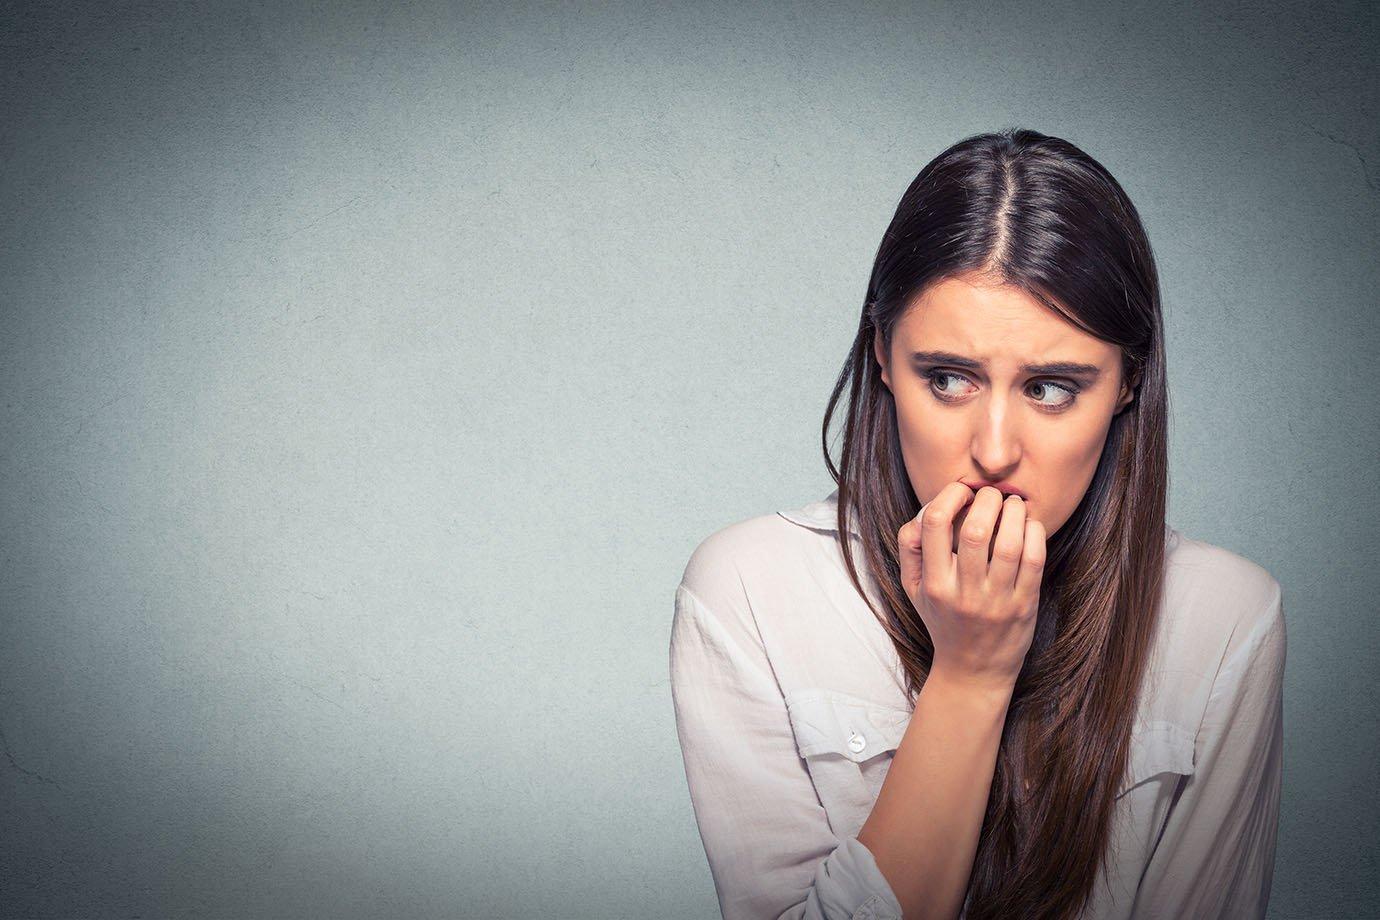 Mulher nervosa, com ansiedade, roendo as unhas, estressada